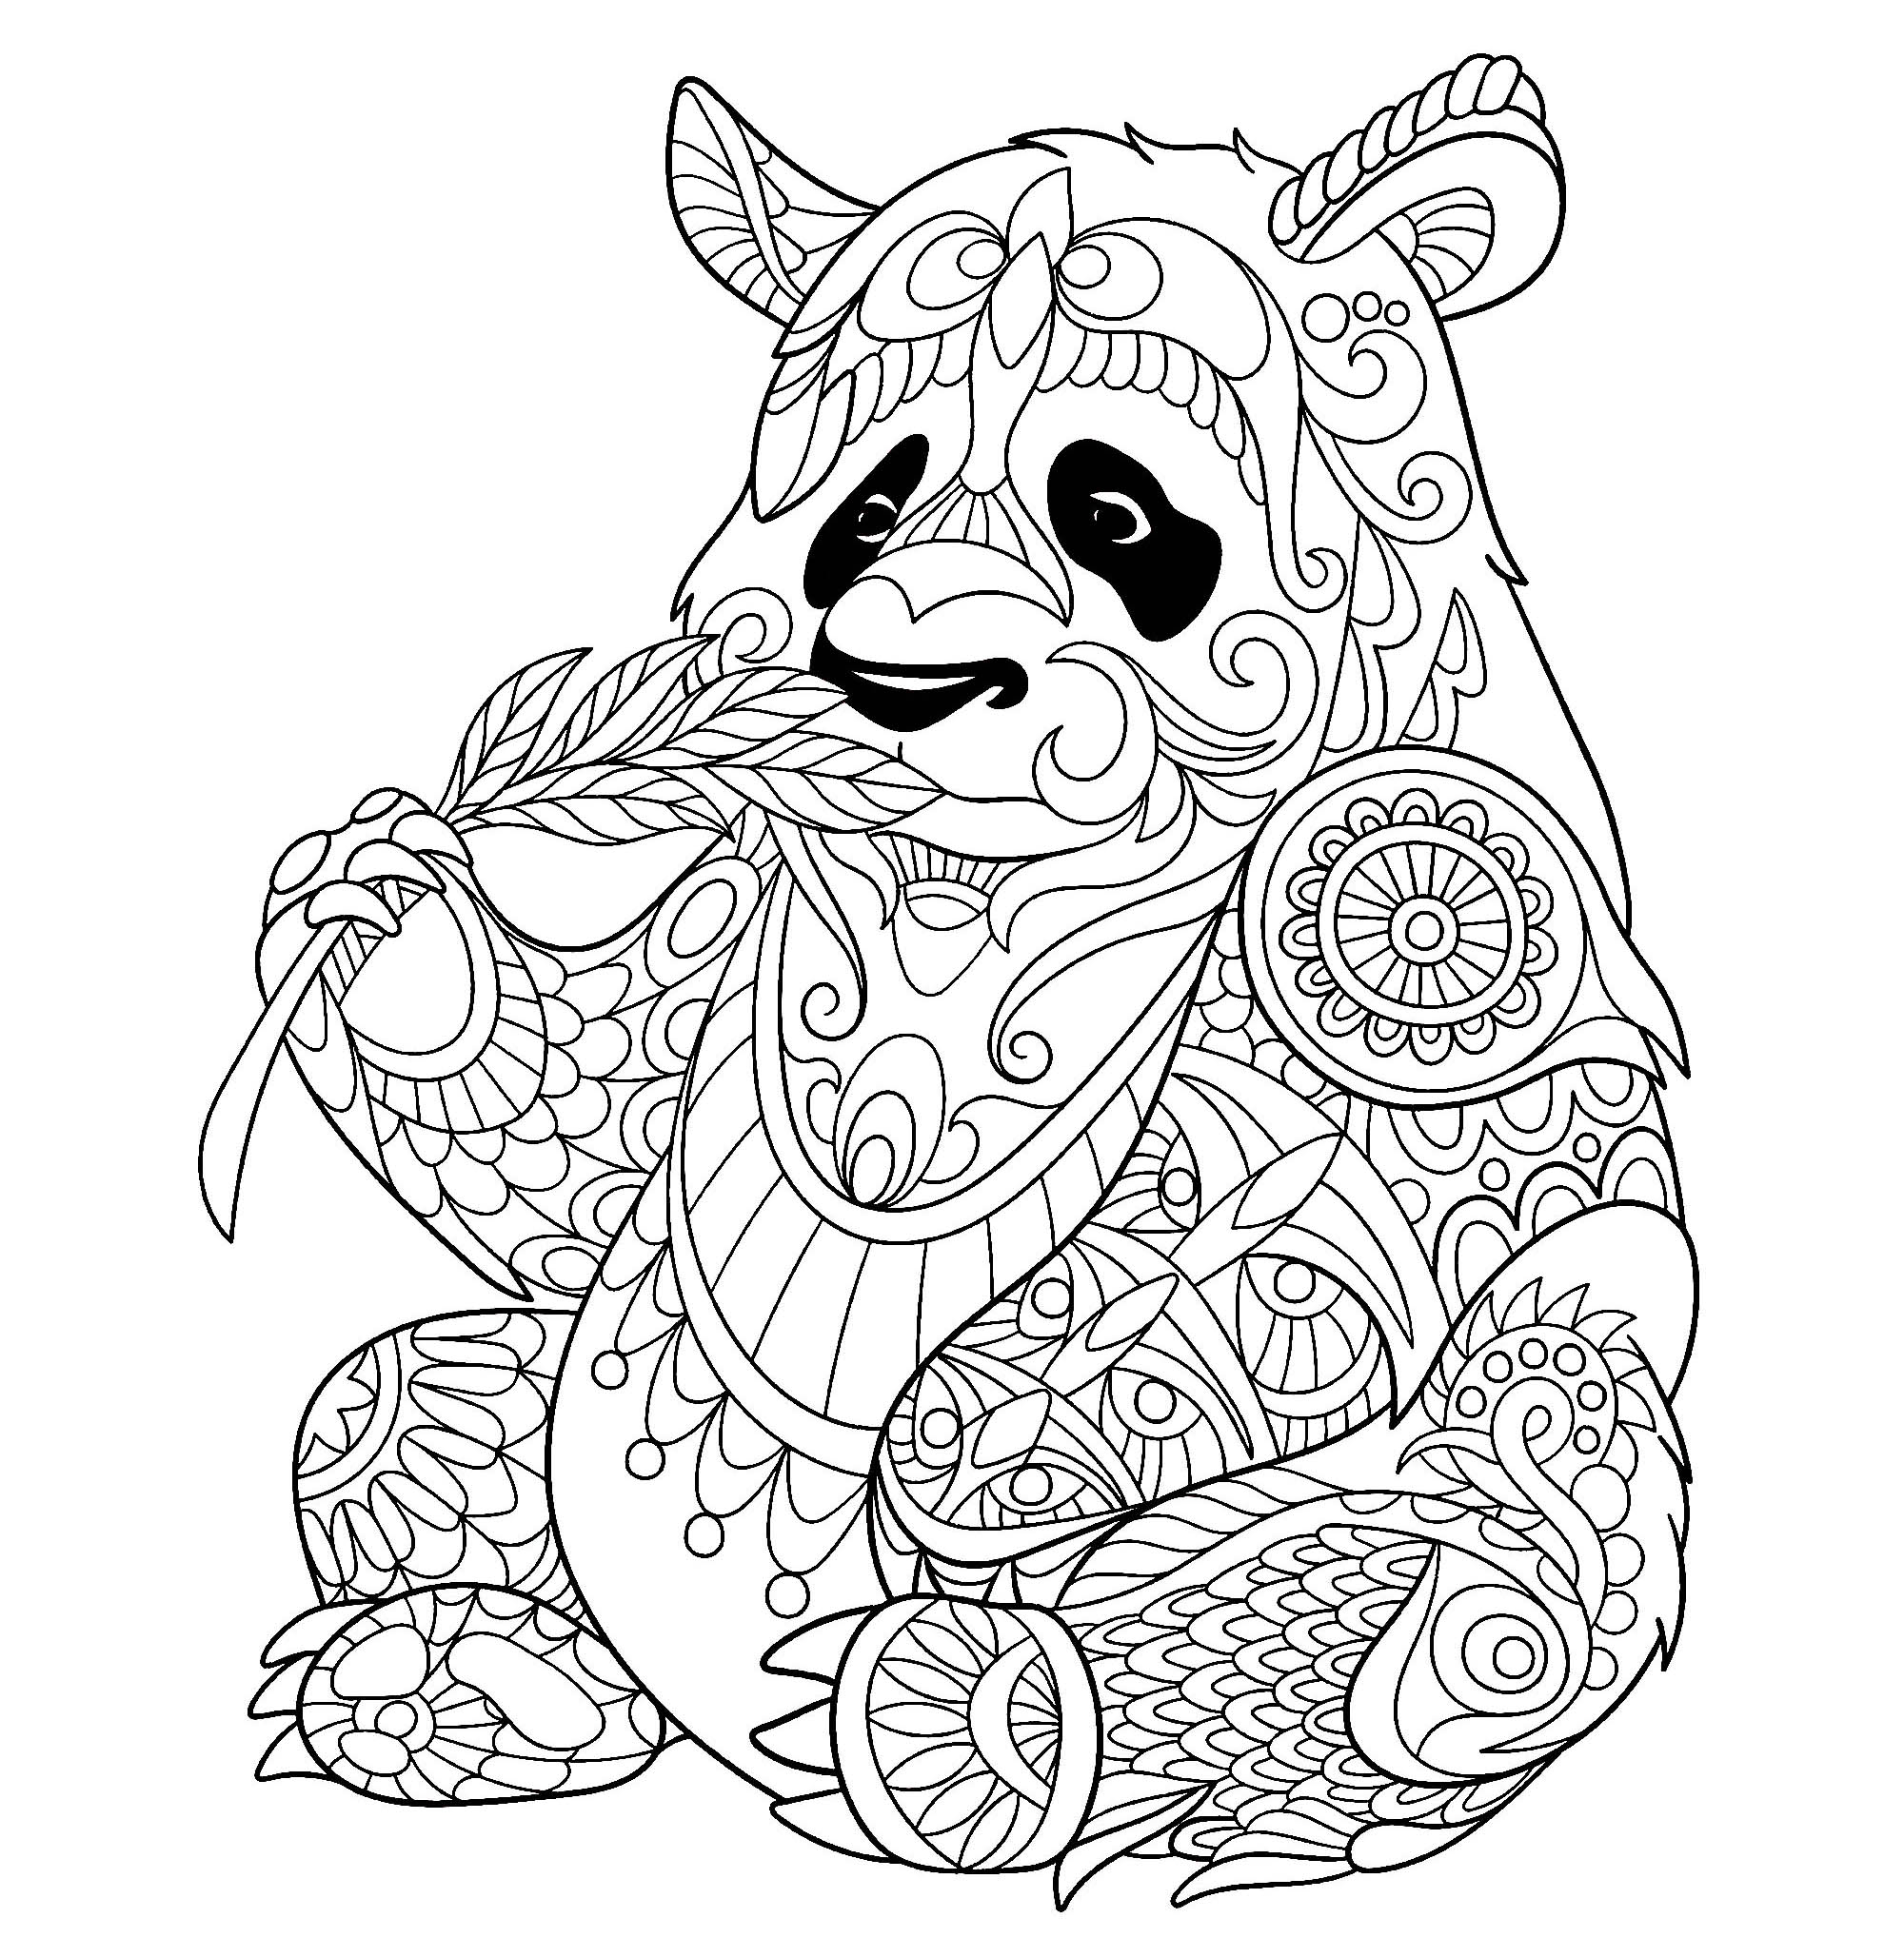 Panda bambou coloriage de pandas coloriages pour enfants - Coloriage a imprimer panda ...